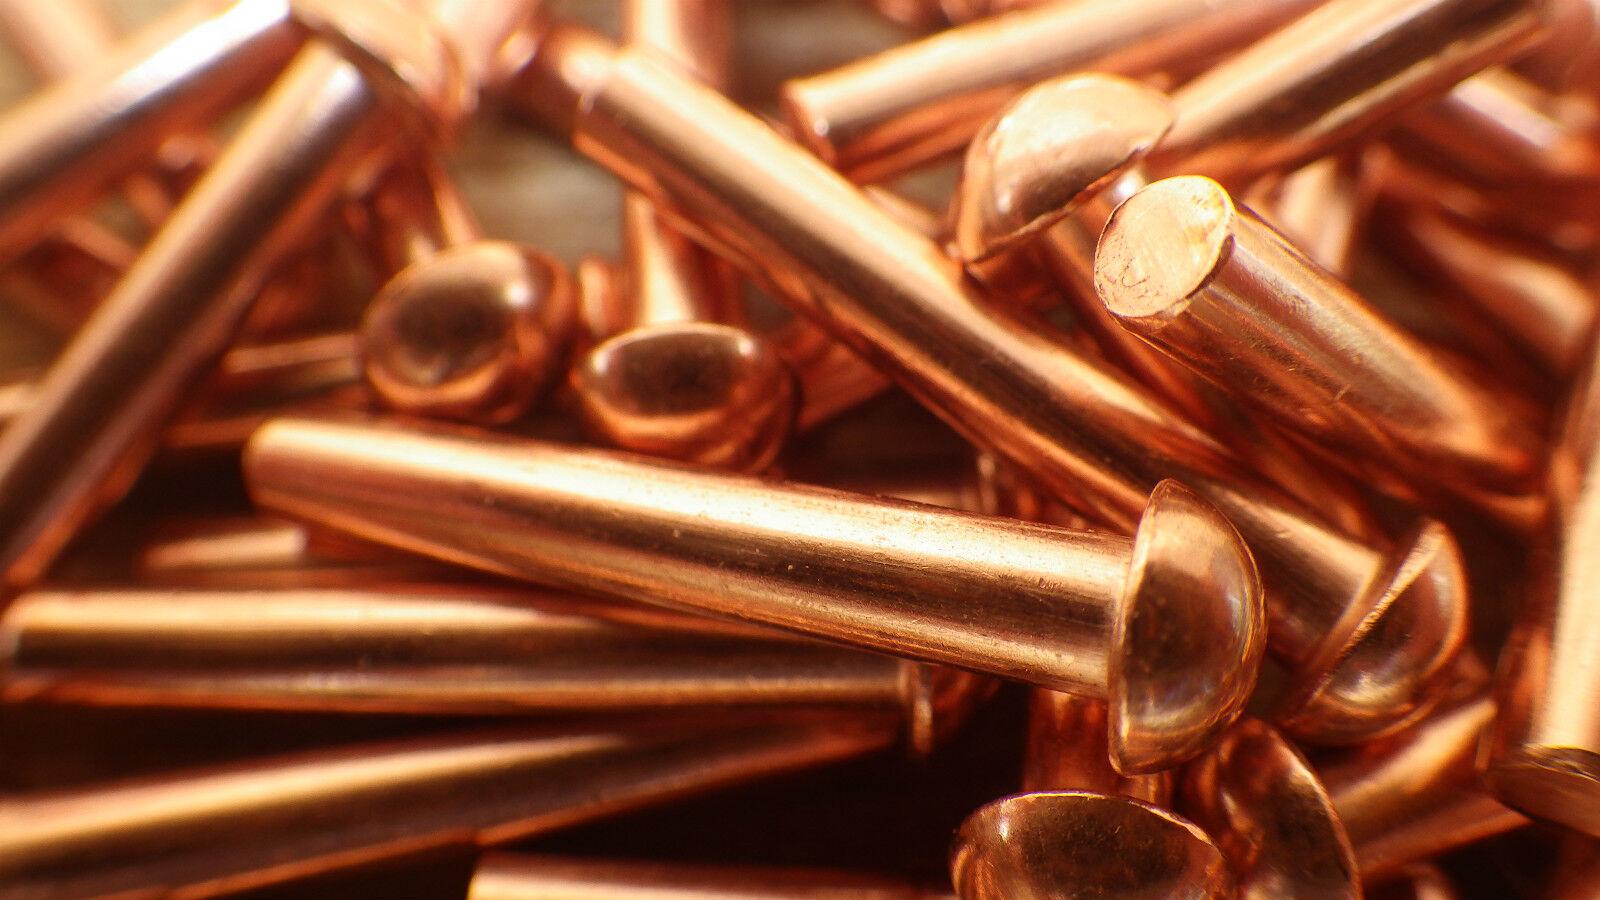 Solide Kupfer 1 1 1 10.2cm X 2.5cm Runder Kopf Nieten Restaurierung Dampf Vintage  | Online Kaufen  a67cc8